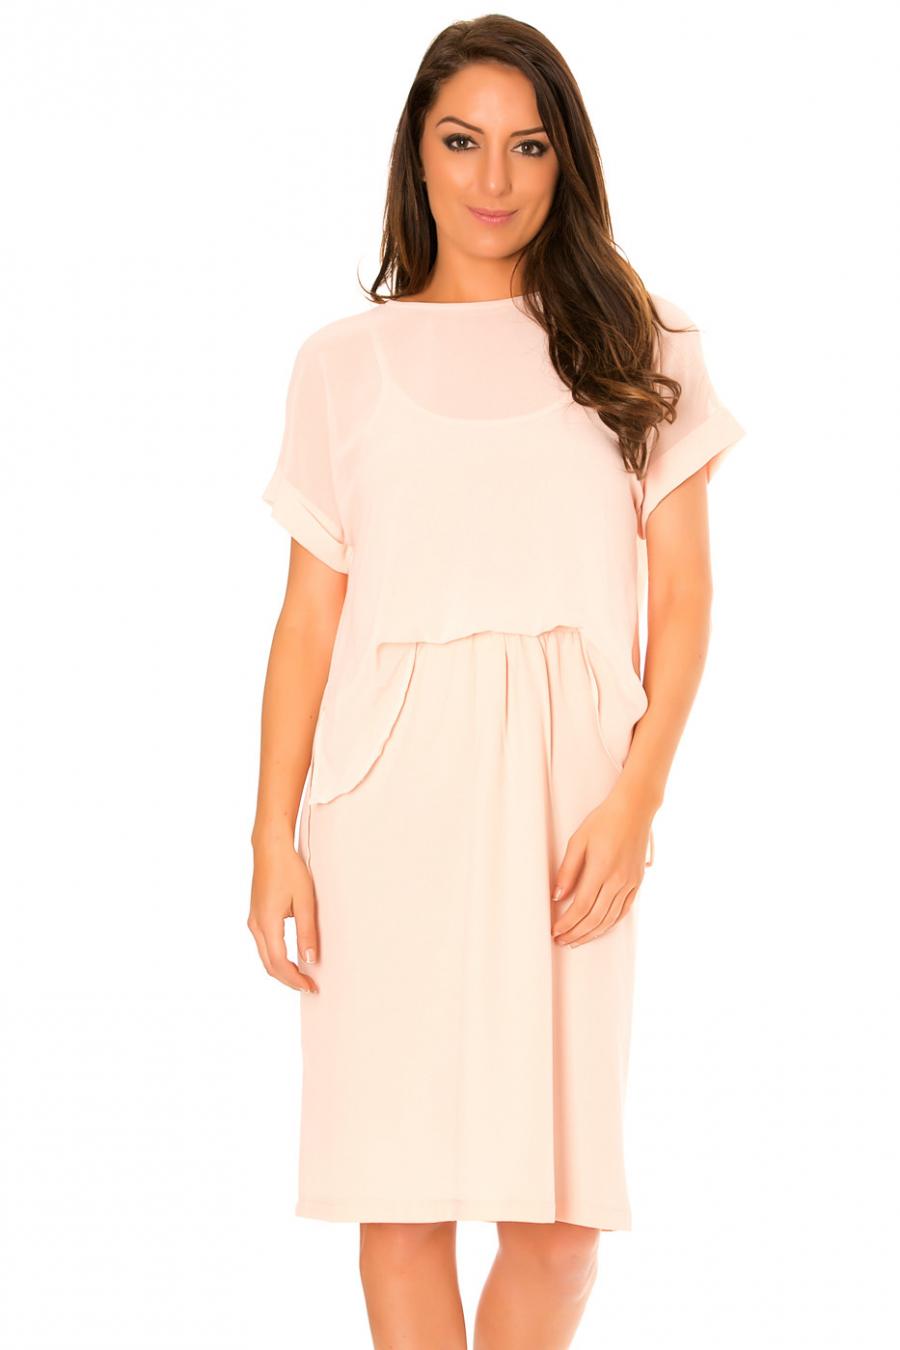 Roze doorschijnende jurk, tweedelige rok en topstijl. F5562